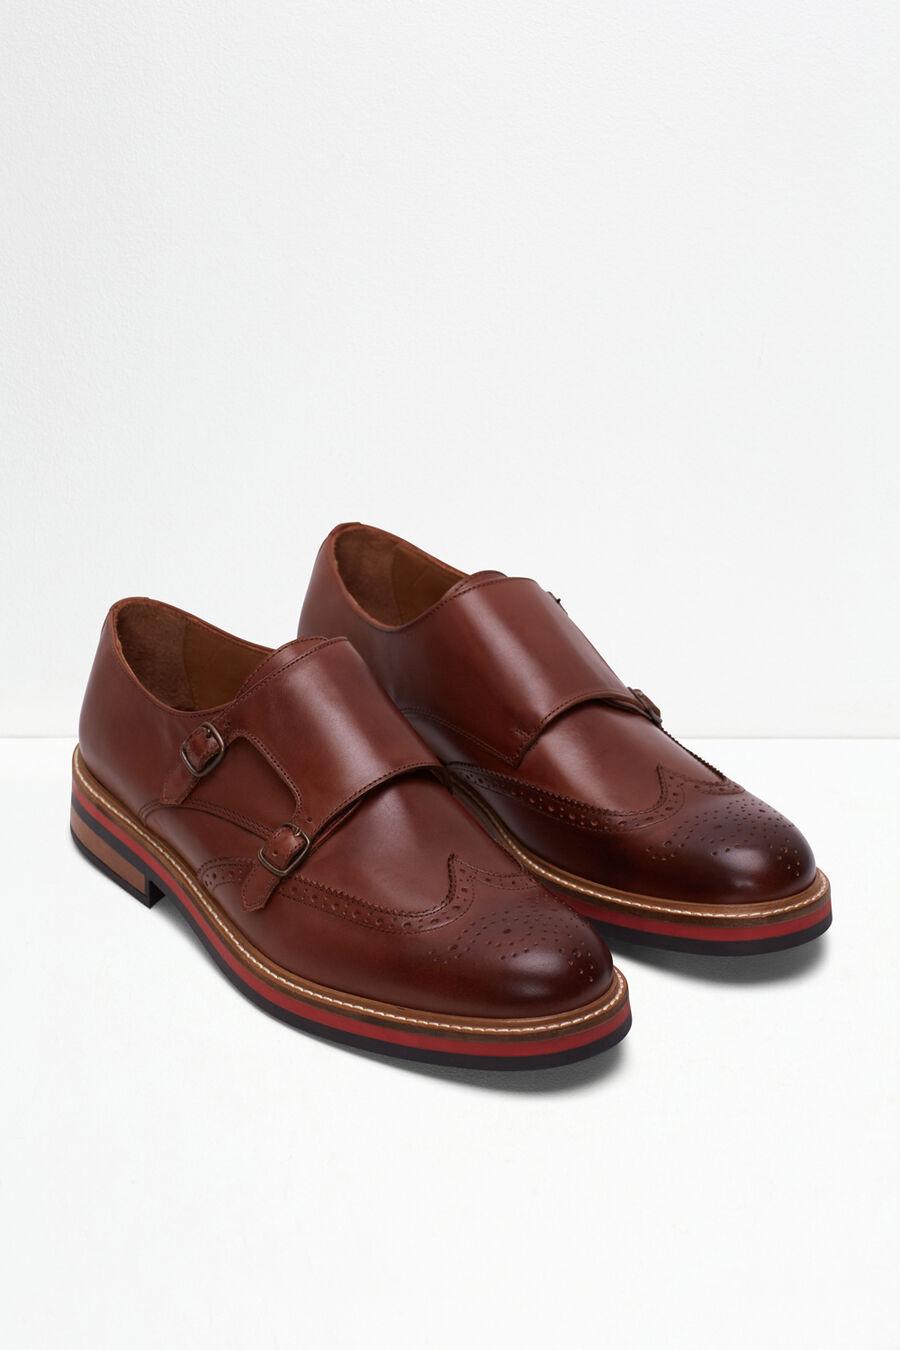 Buckle shoe